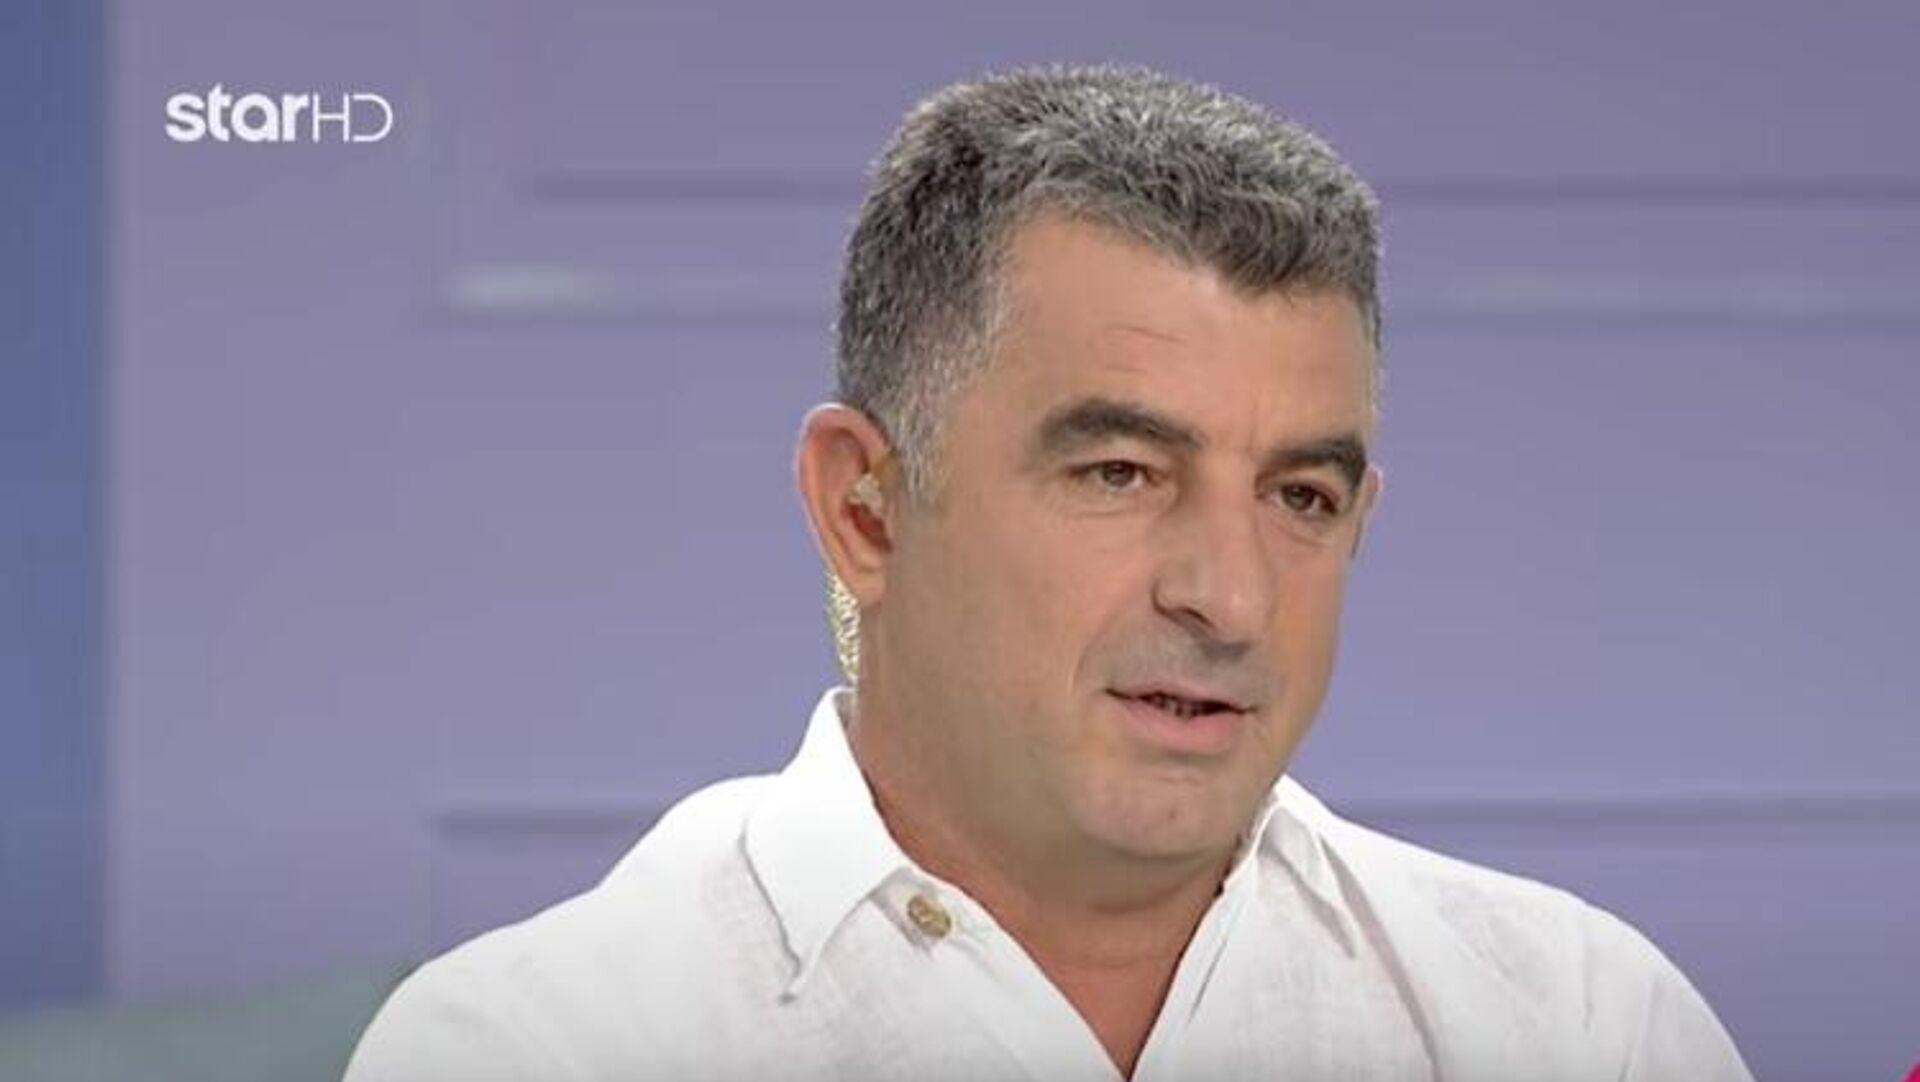 Ο δημοσιογράφος Γιώργος Καραϊβάζ - Sputnik Ελλάδα, 1920, 09.04.2021